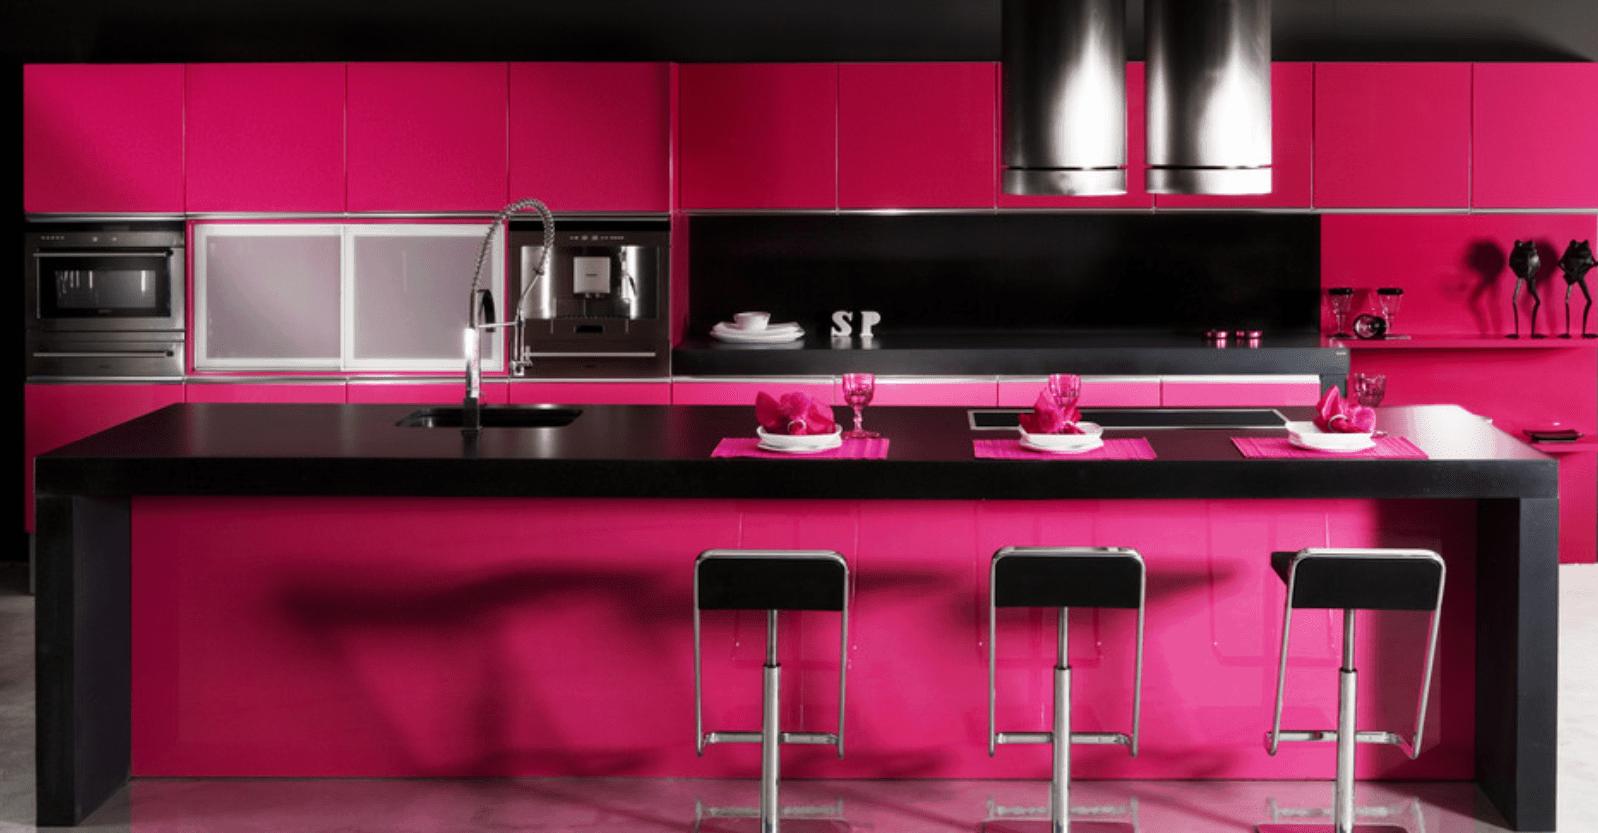 20 Pink Kitchen Ideas Photos In 2020 Pink Kitchen Hot Pink Kitchen Quartz Kitchen Countertops